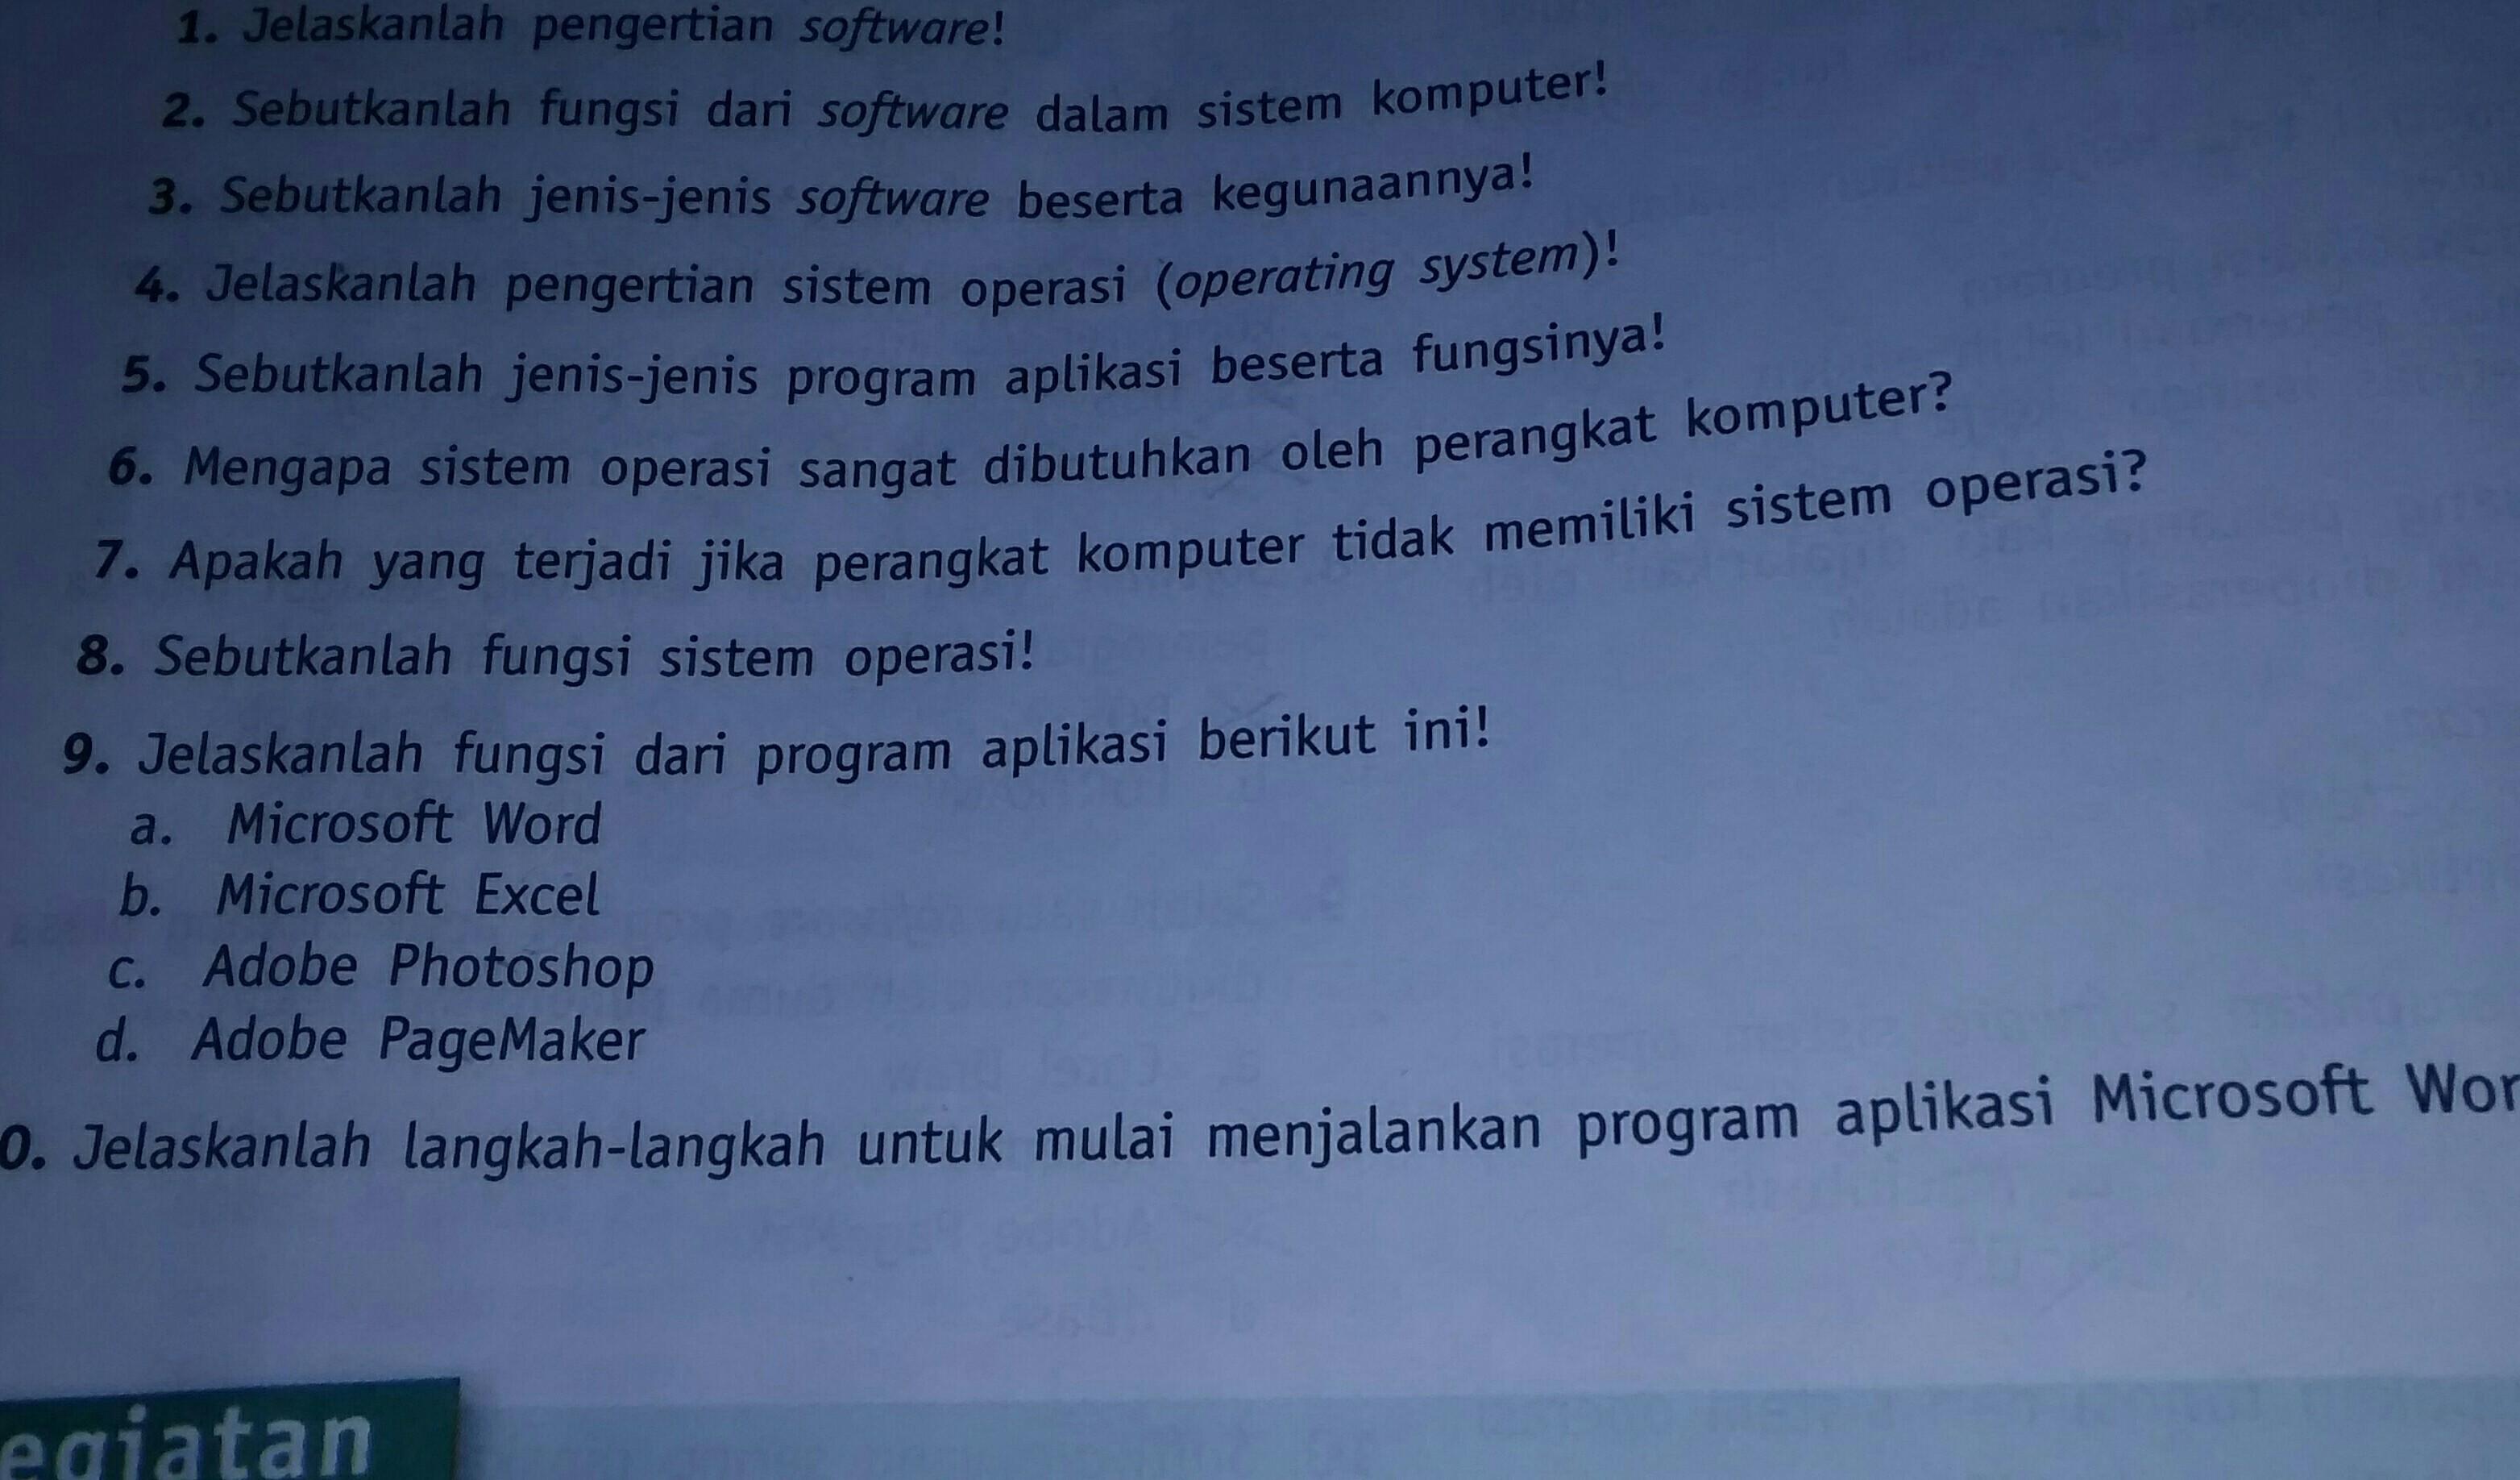 apakah fungsi dari program aplikasi microsoft word